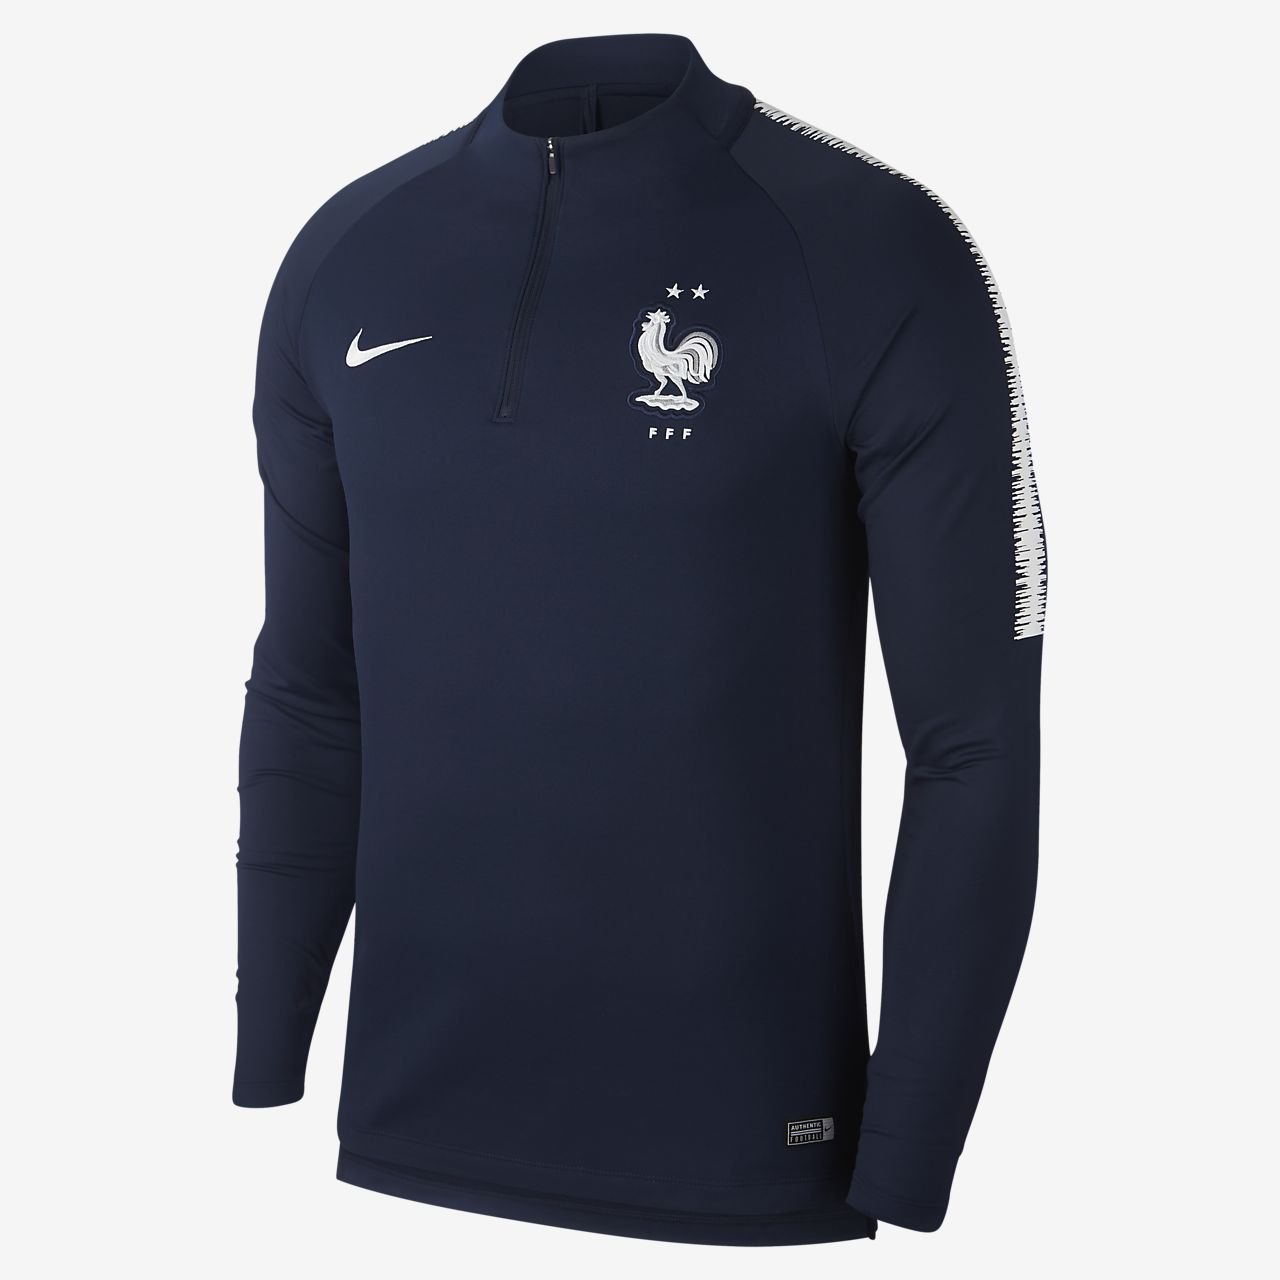 Ανδρική μακρυμάνικη ποδοσφαιρική μπλούζα FFF Dri-FIT Squad Drill